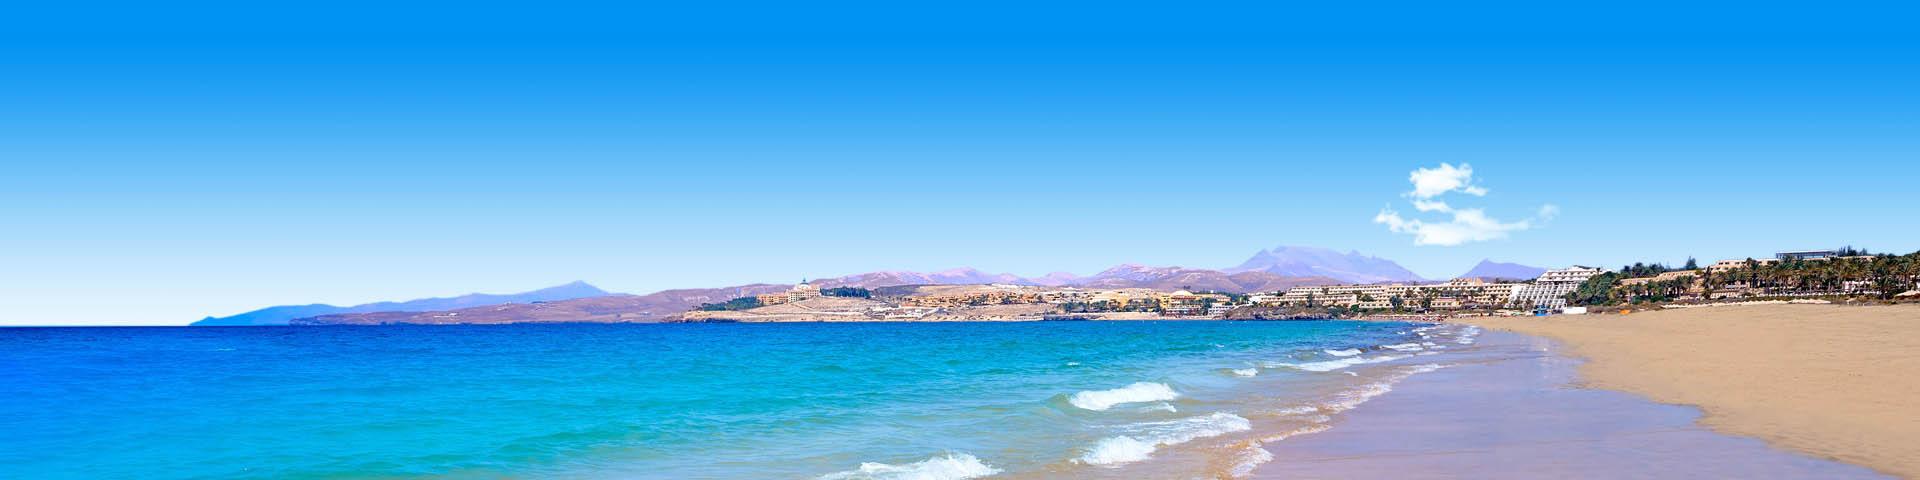 Het uitzicht over de blauwe zee in Jandia